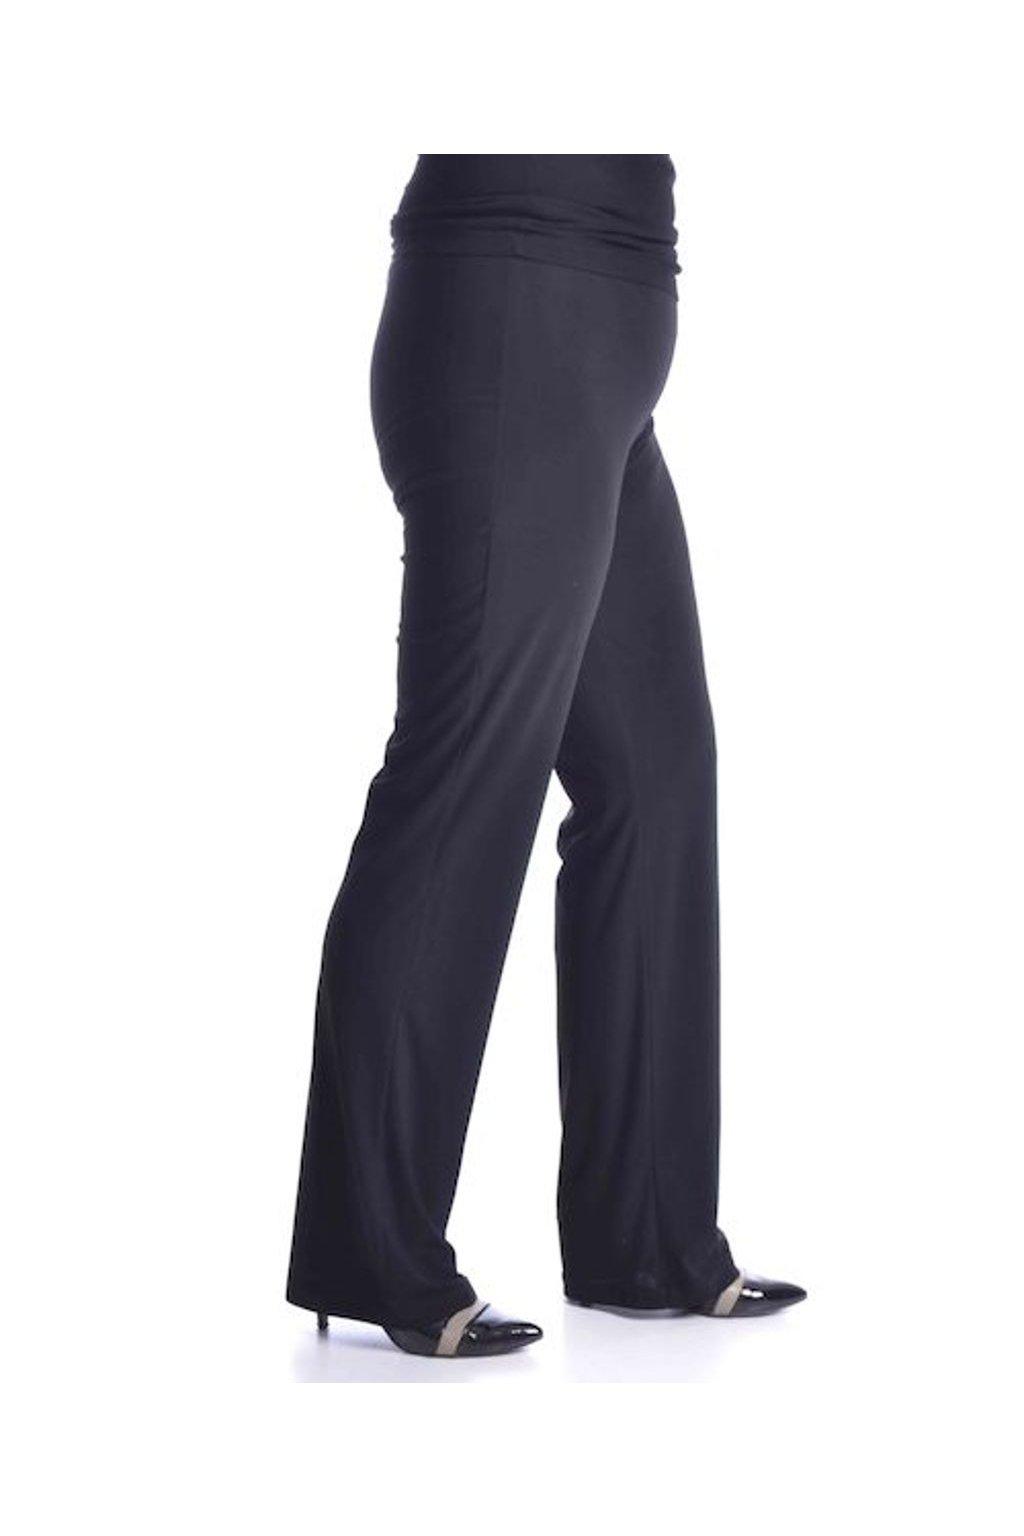 18T Kalhoty do gumy pes (Velikost 36, Barva Černá)